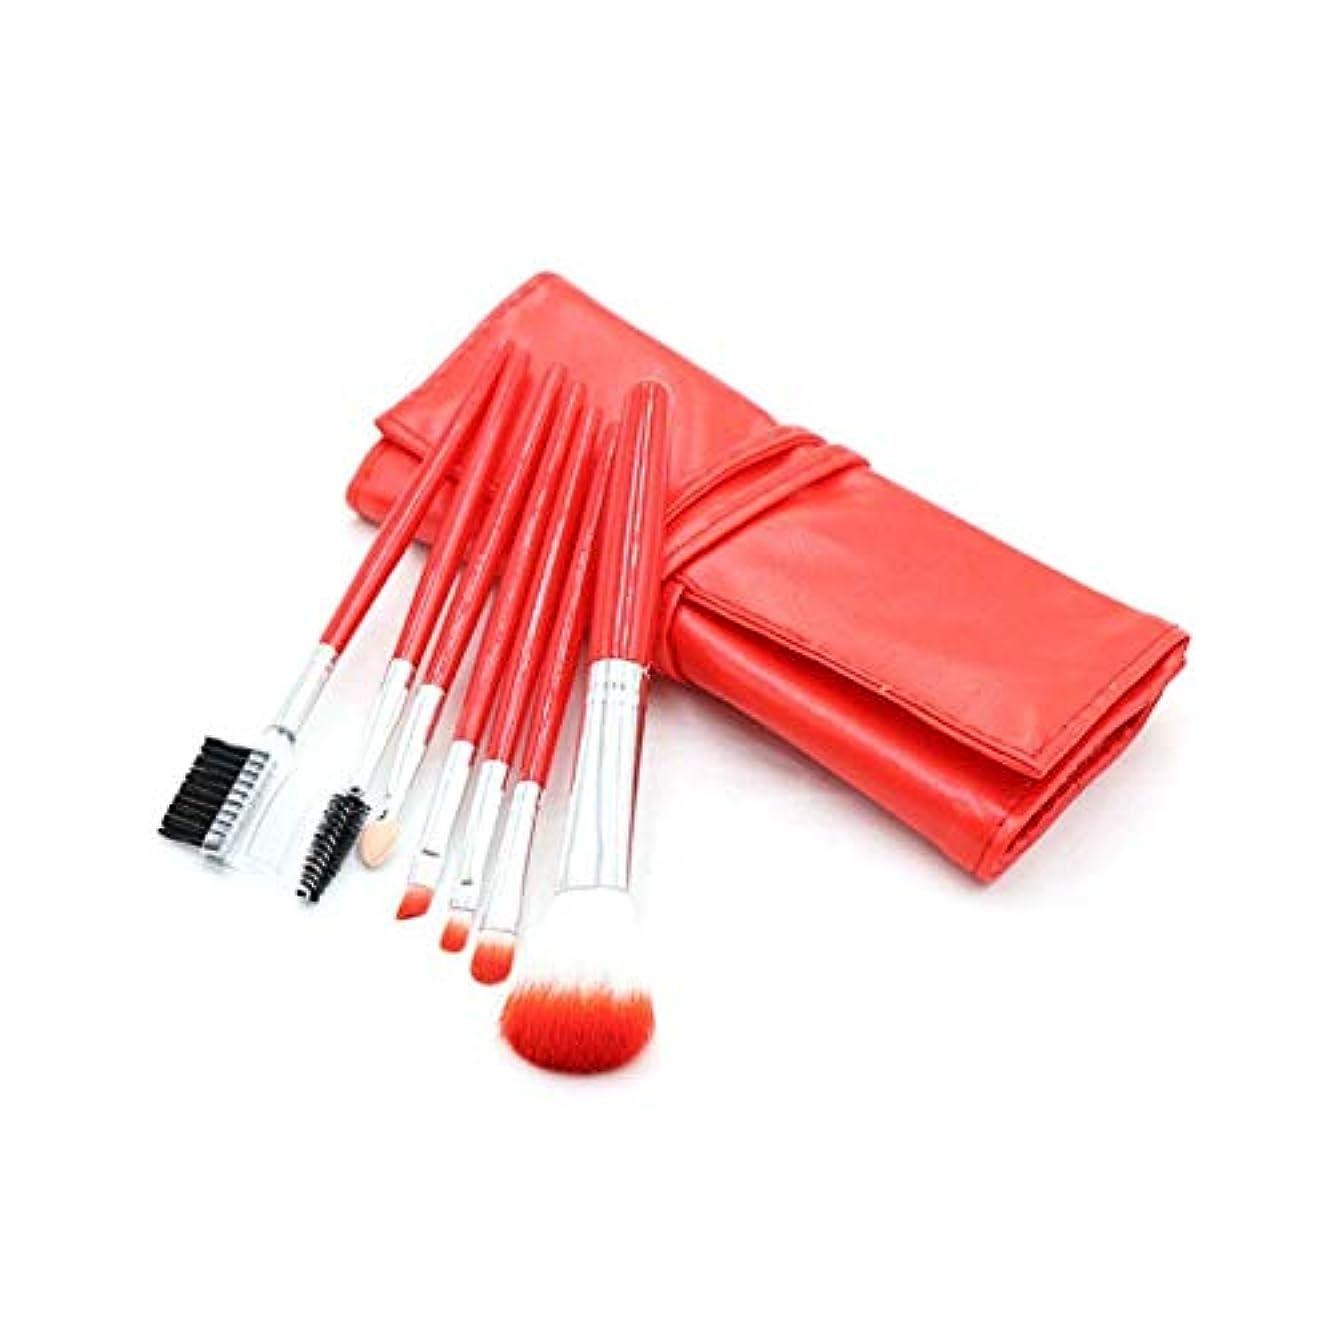 動機情熱右化粧ブラシセット、赤7化粧ブラシ化粧ブラシセットアイシャドウブラシリップブラシ美容化粧道具